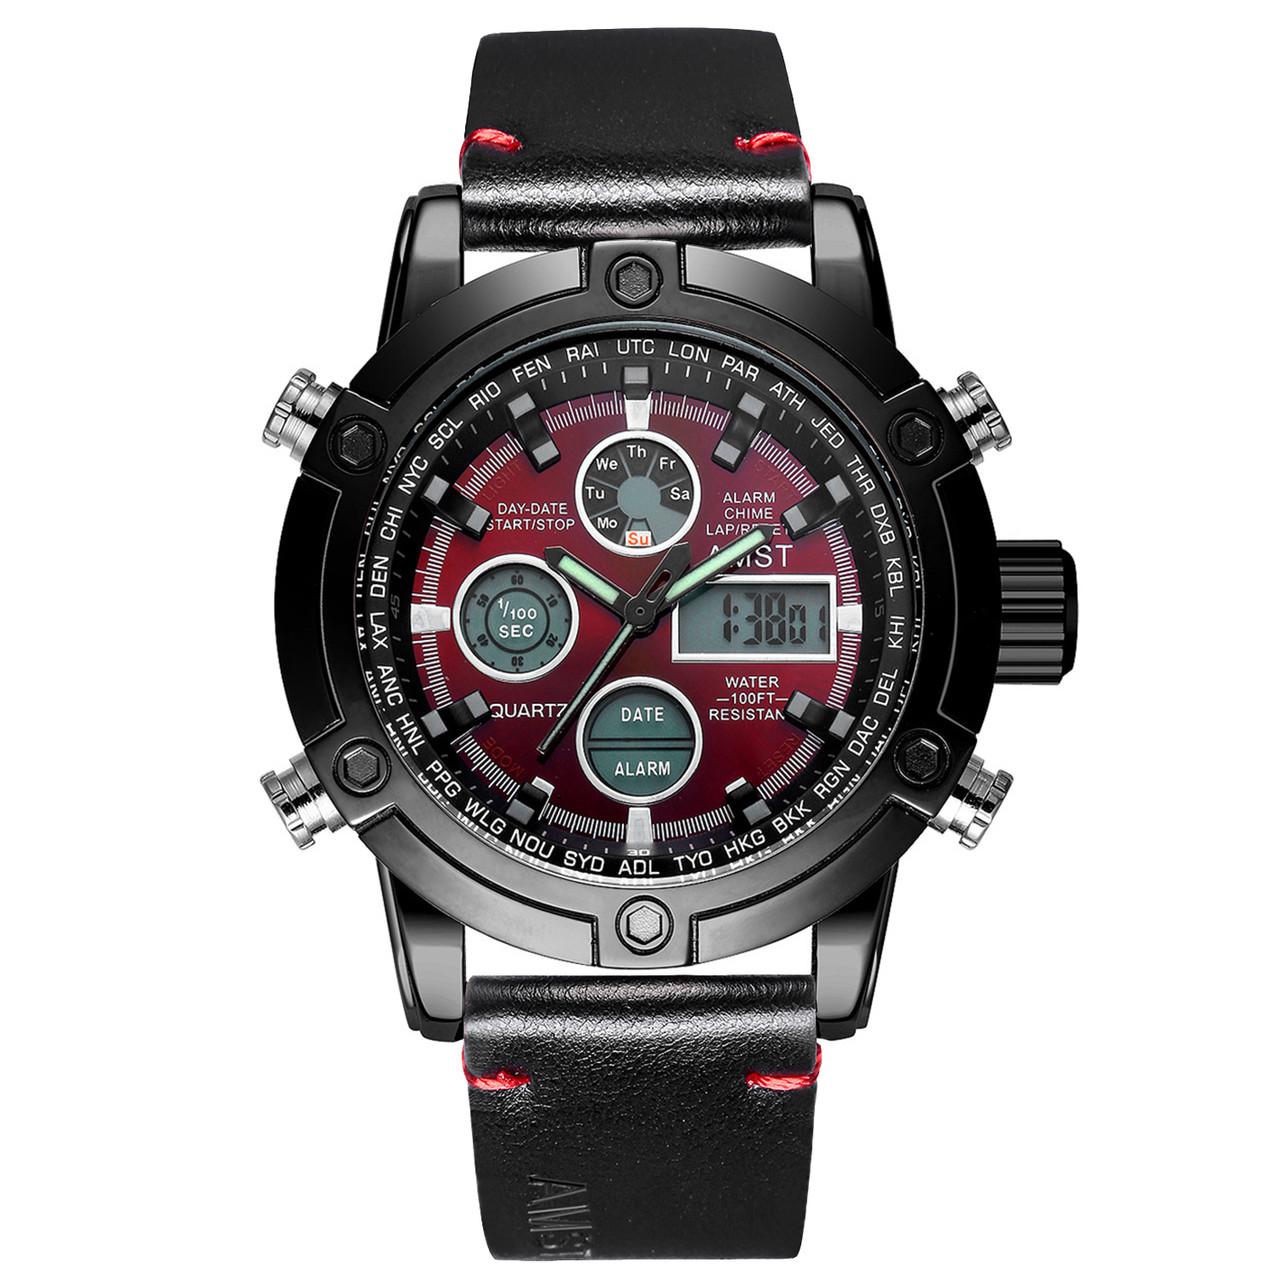 Мужские наручные часы AMST 3022 Smooth Wristband Black-Red 4